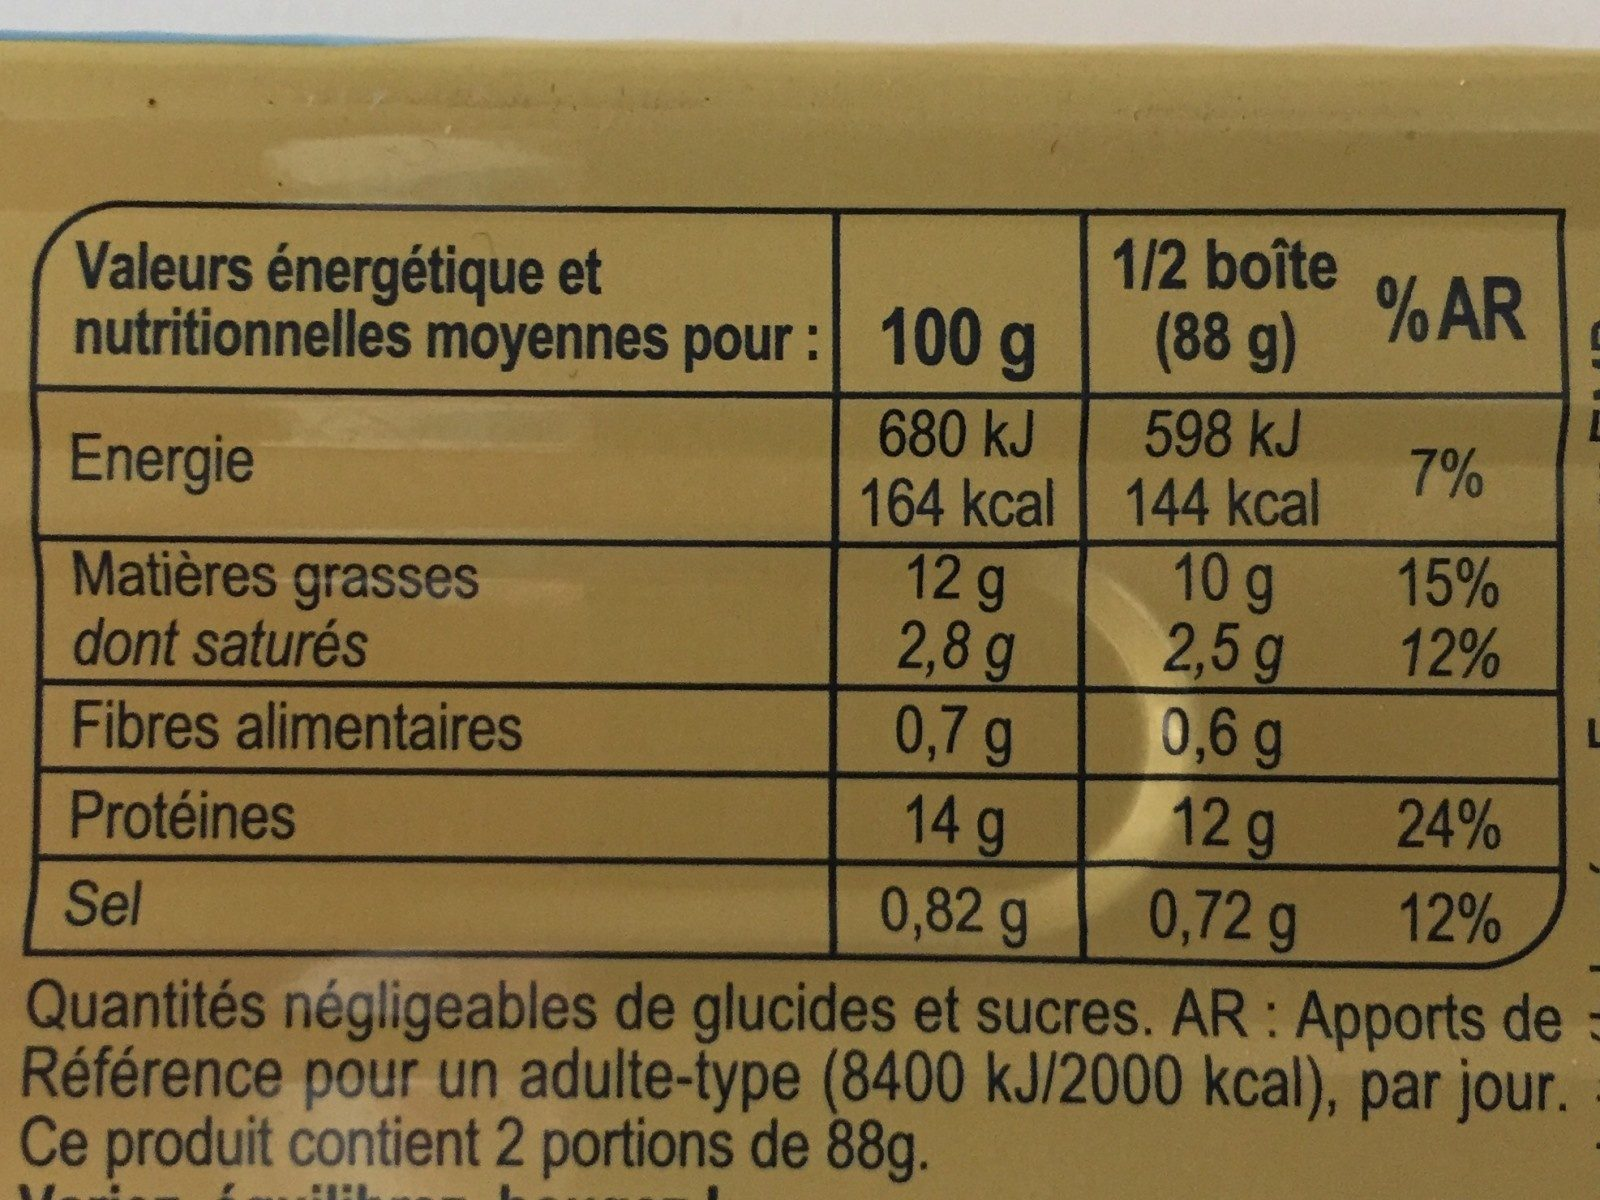 Filets de maquereaux marinés au muscadet et aux 5 aromates - Nutrition facts